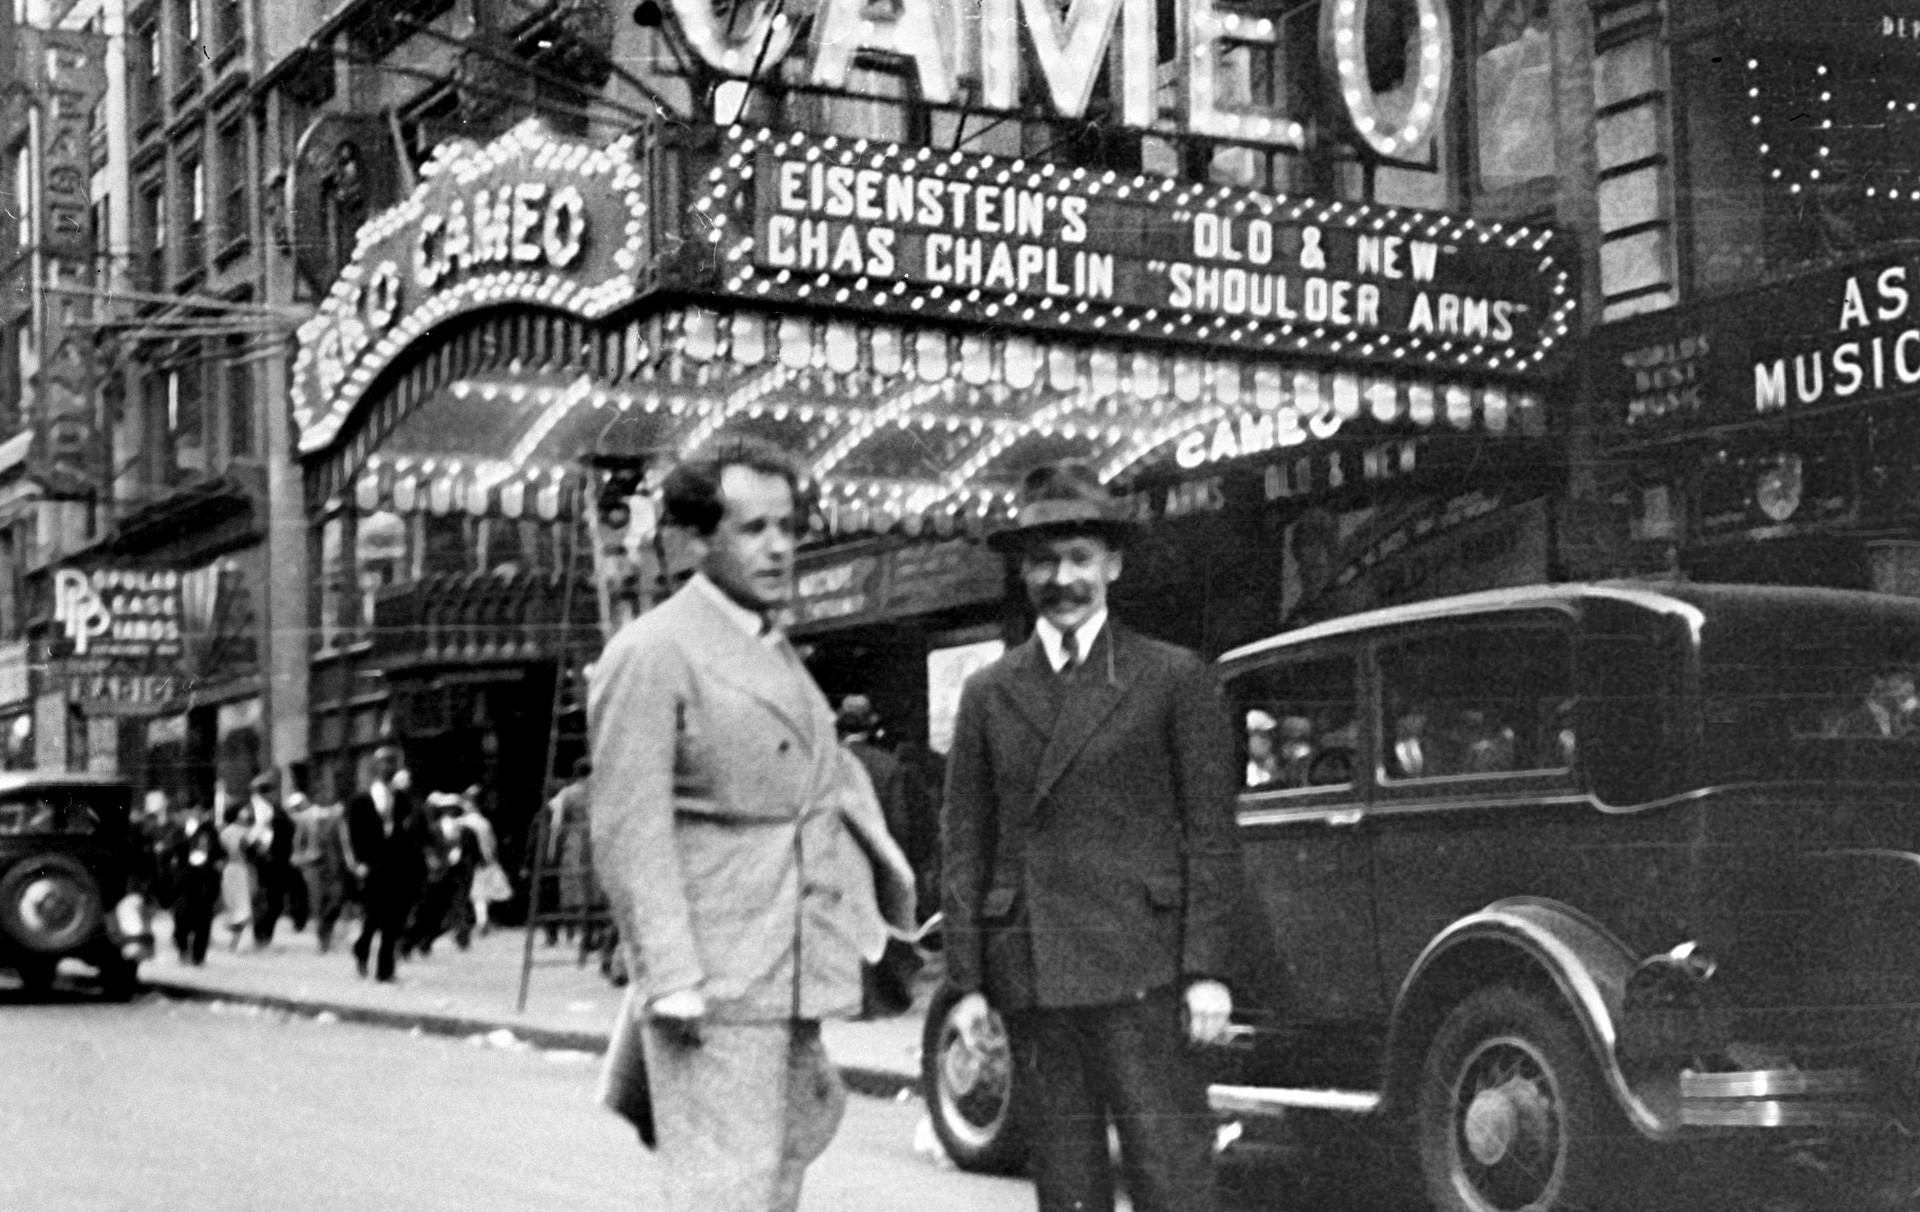 Sergei Eisenstein in New York